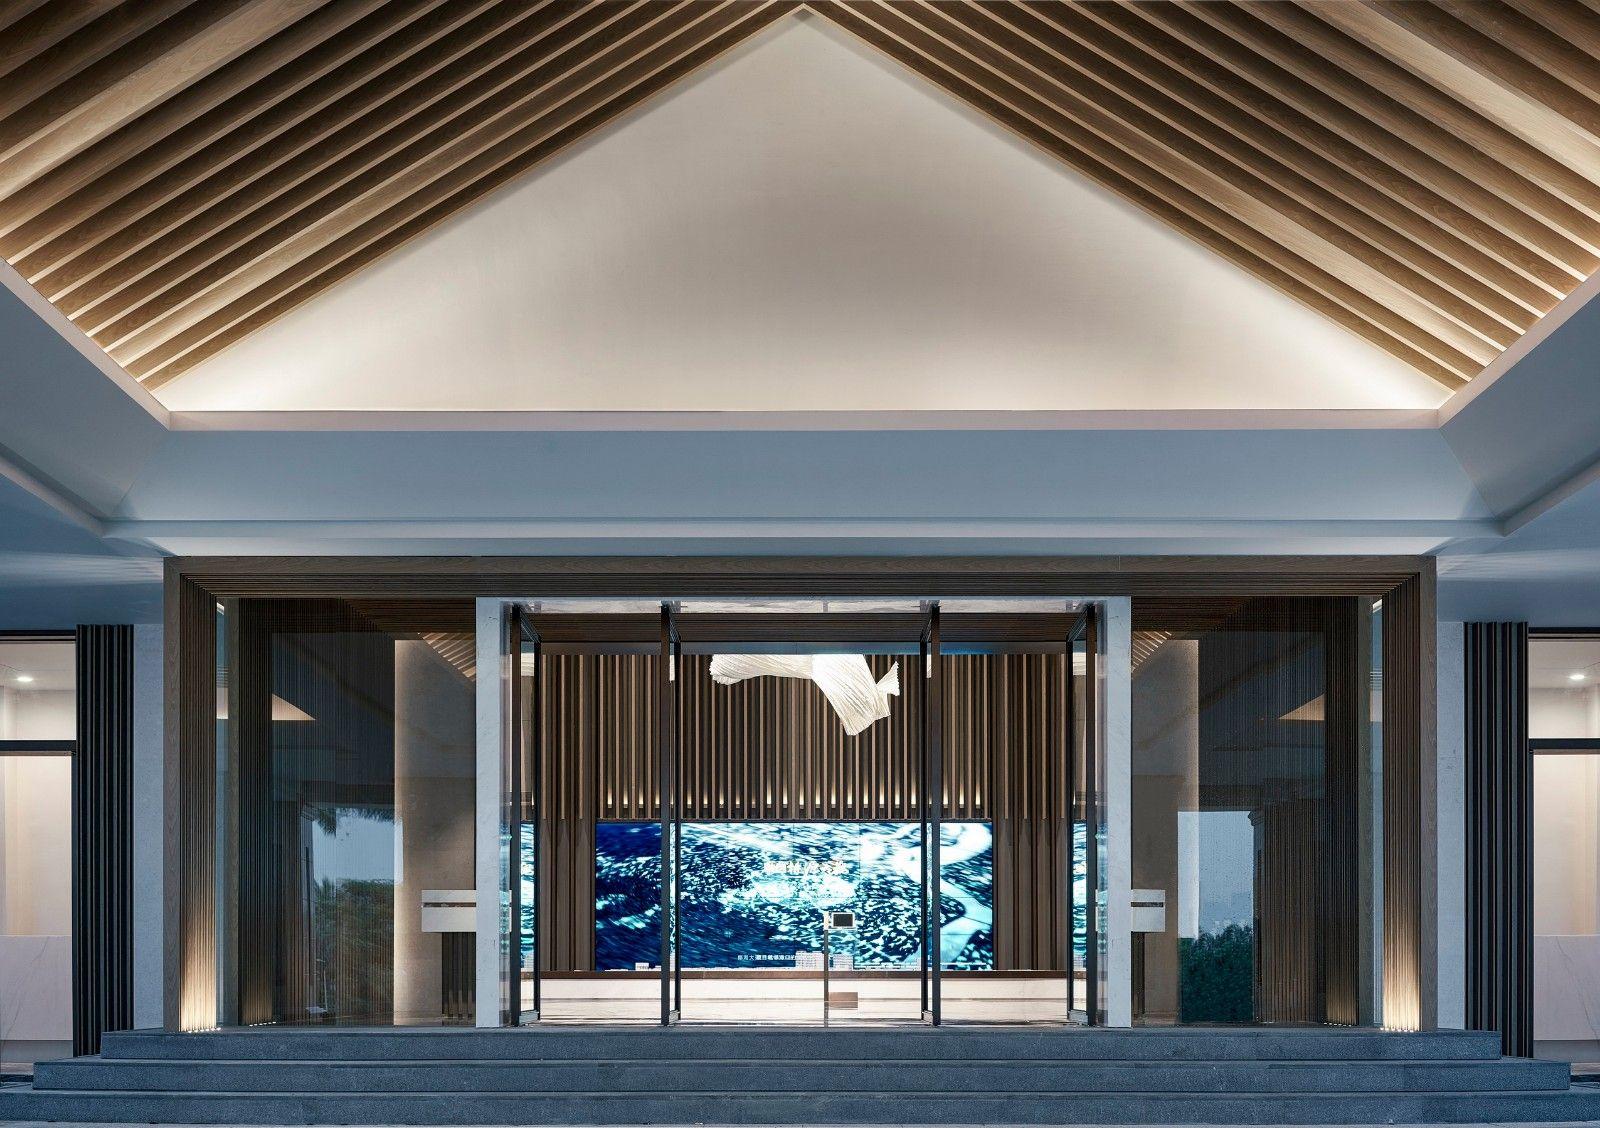 海南融创桃园大观展示中心  飞视设计